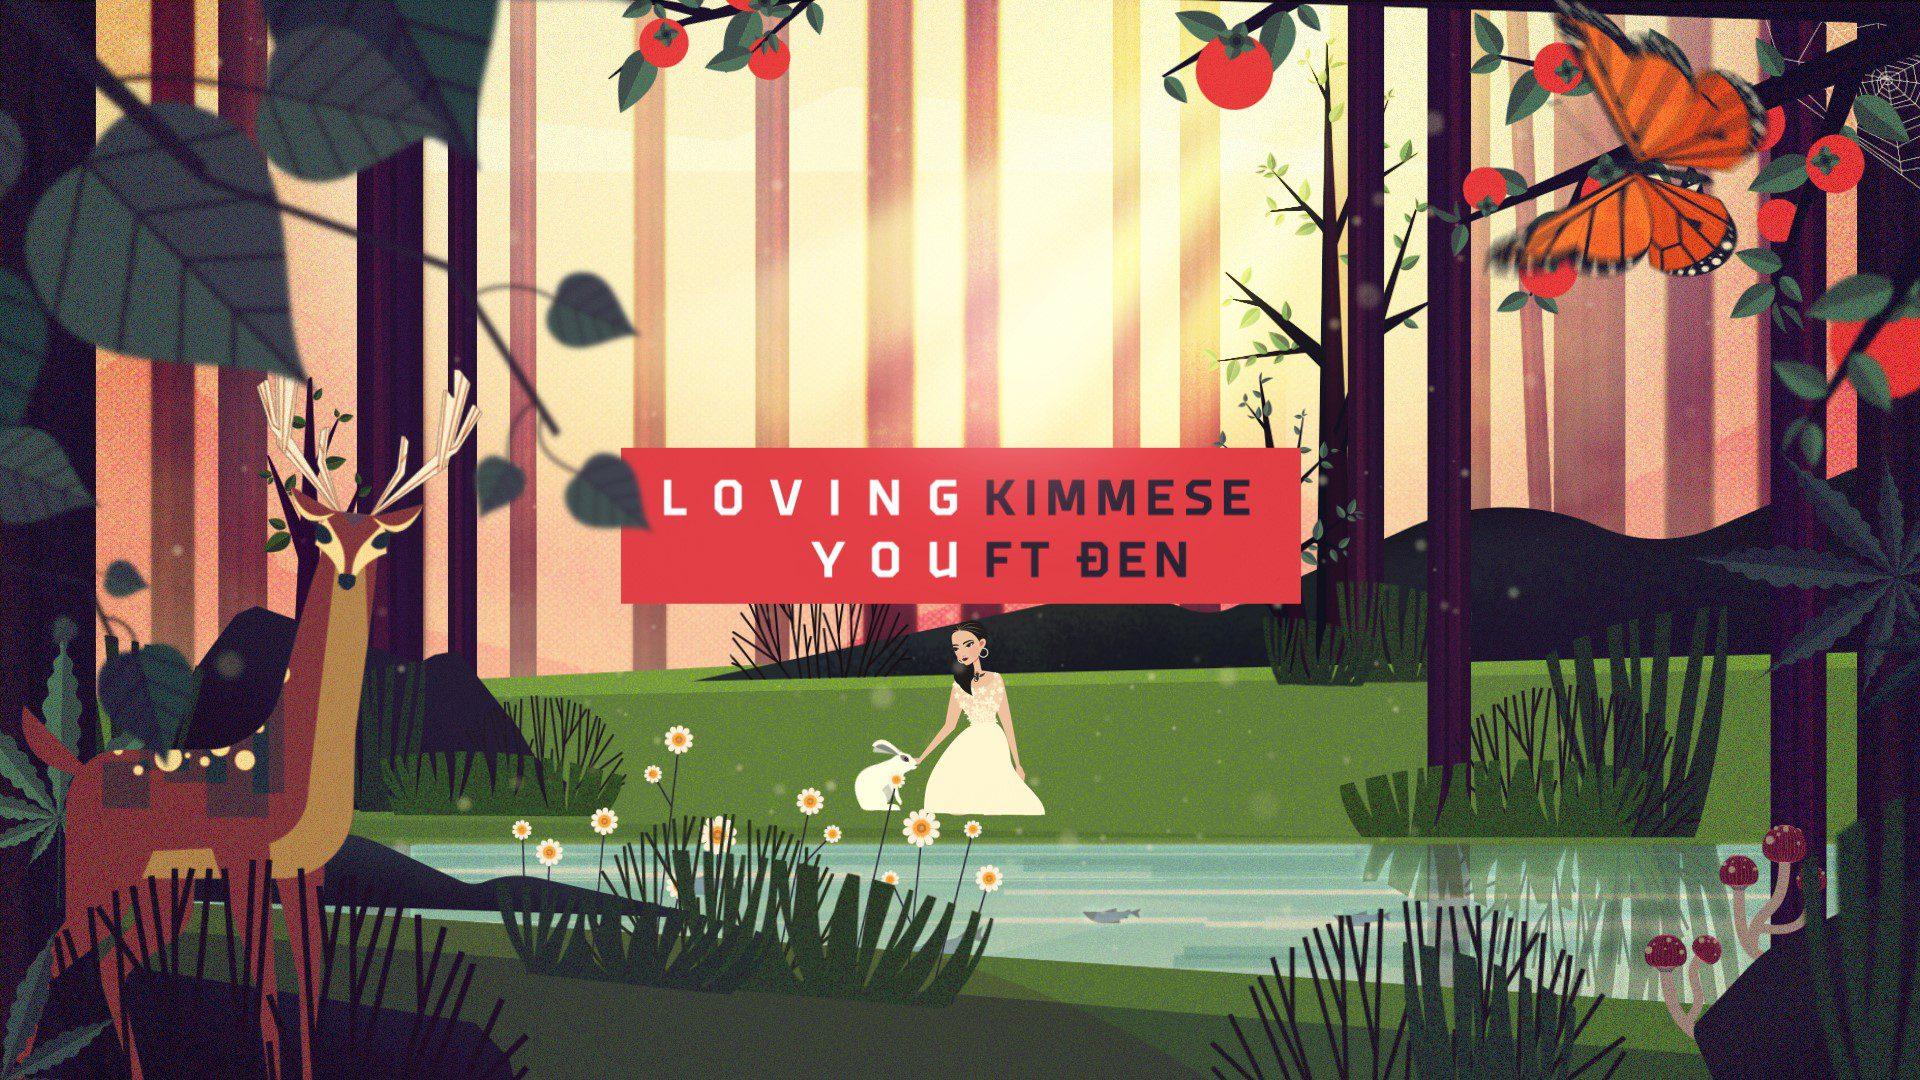 Kimmese – Loving you ft. Đen